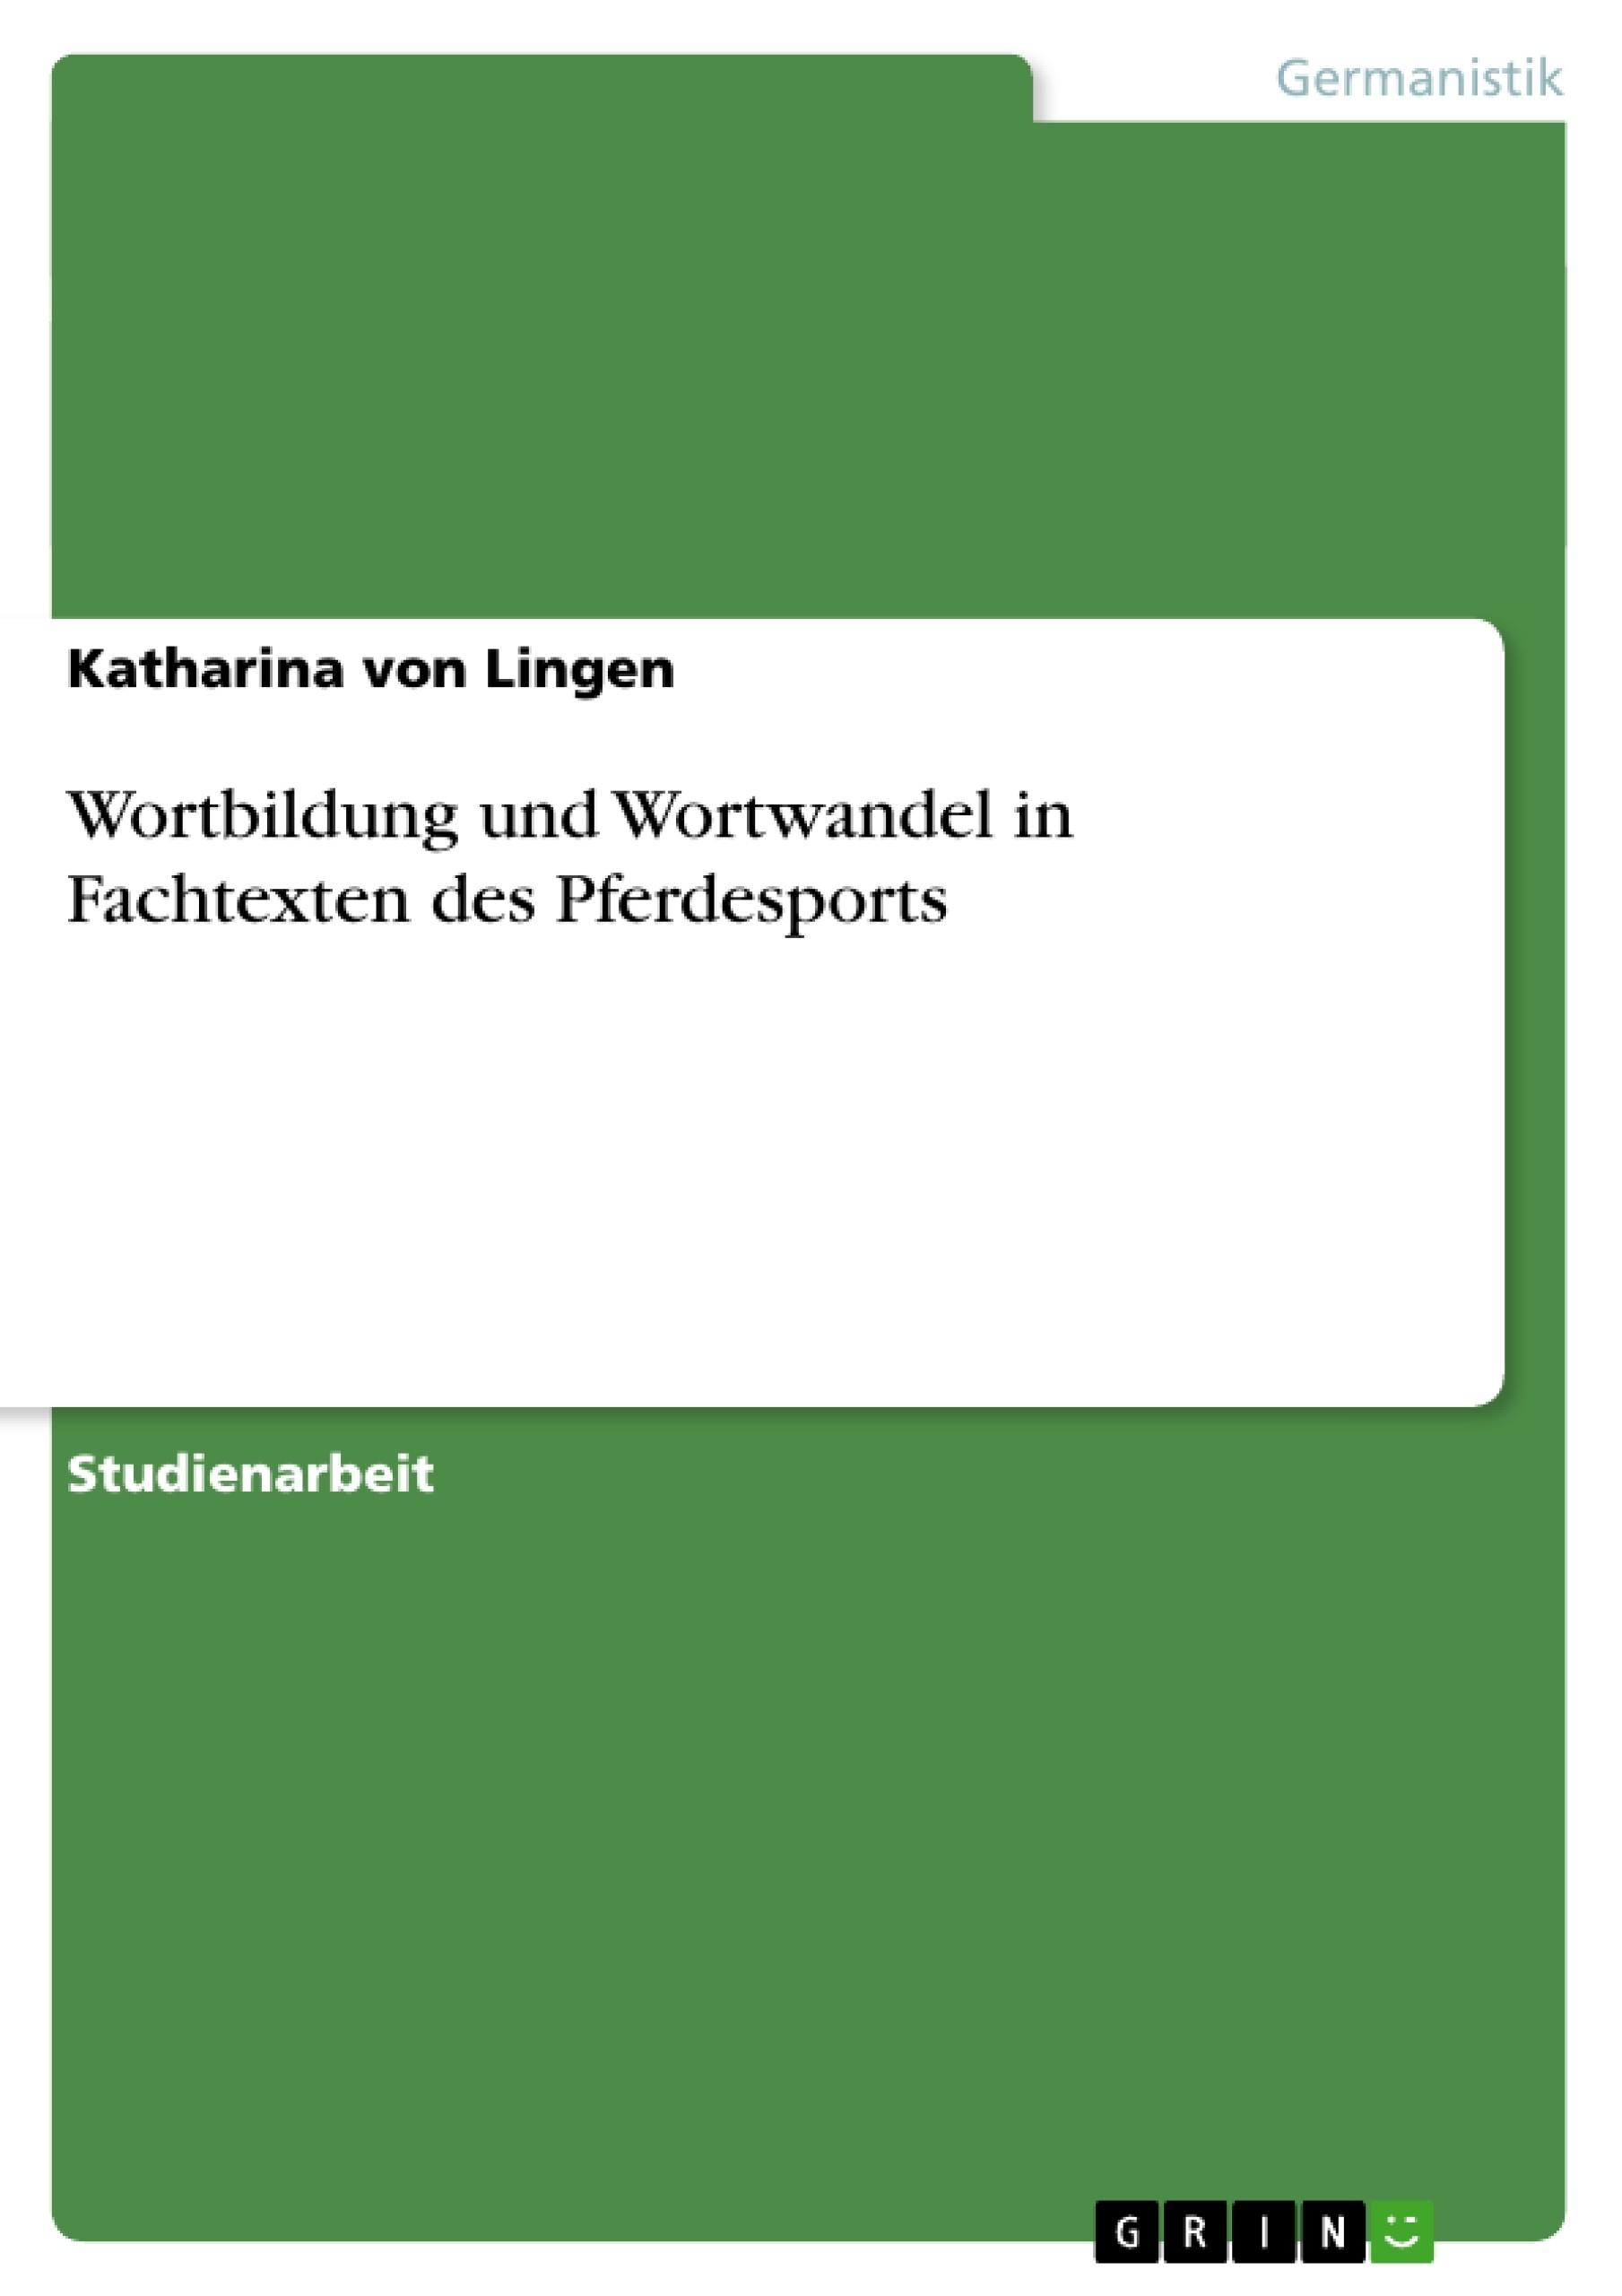 Titel: Wortbildung und Wortwandel in Fachtexten des Pferdesports